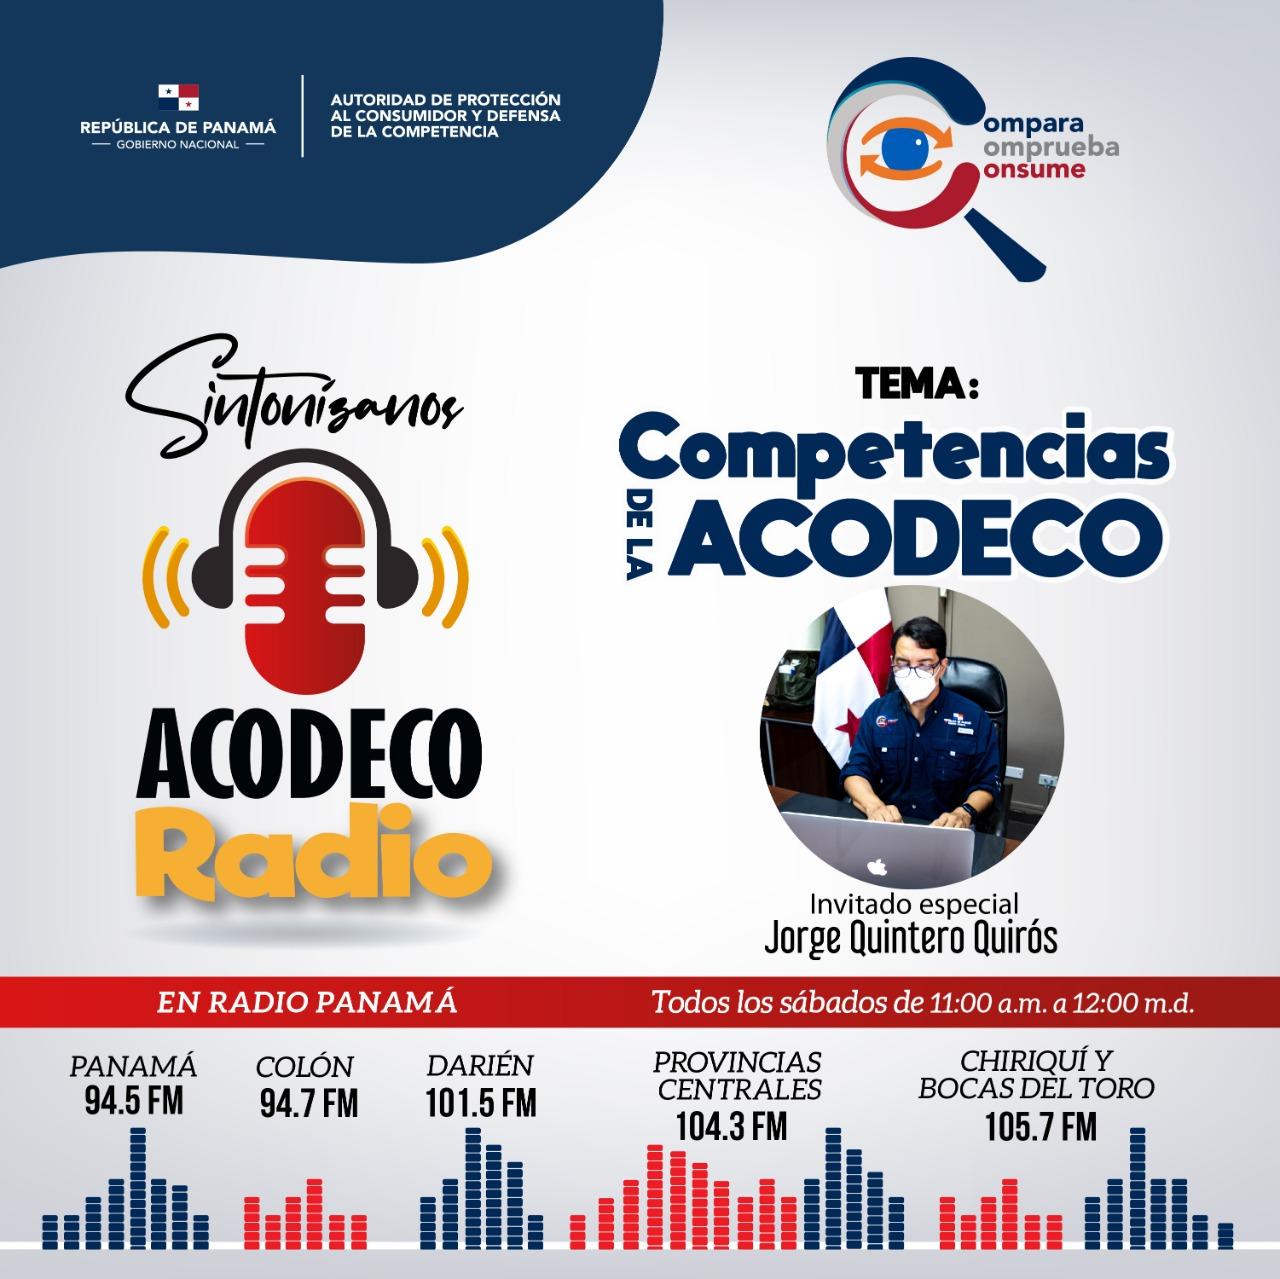 Acodeco Radio